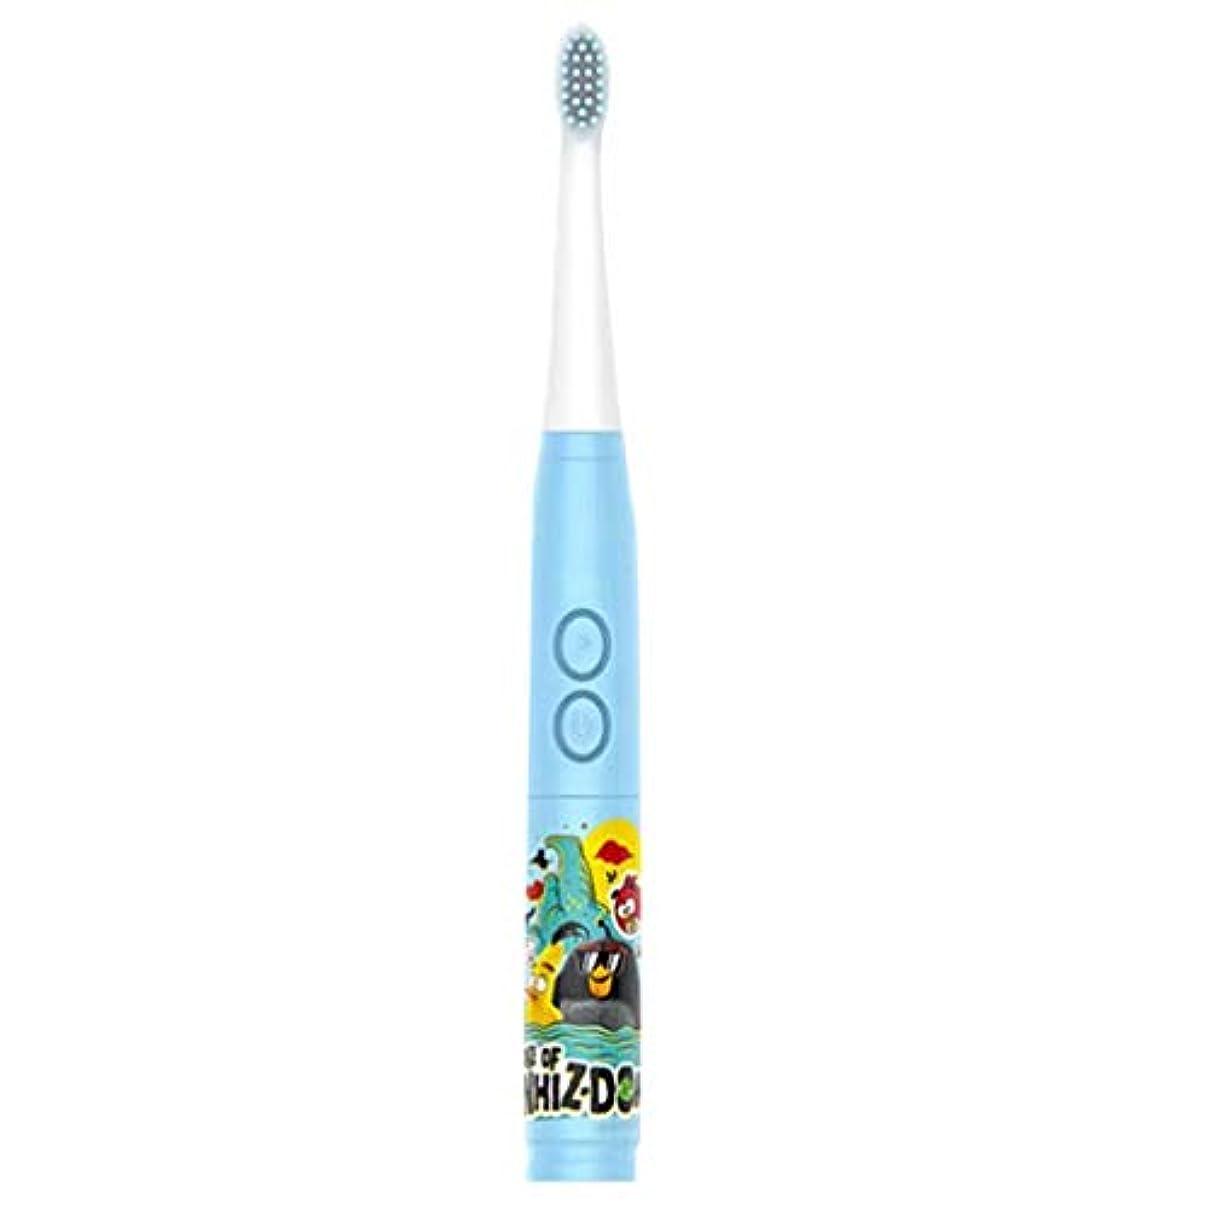 パーティー本気民主主義シンプルな子供の音楽電動歯ブラシ男の子と女の子の自動歯ブラシ3-6-12歳の柔らかい髪の赤ちゃんの歯ブラシの家 (色 : A)